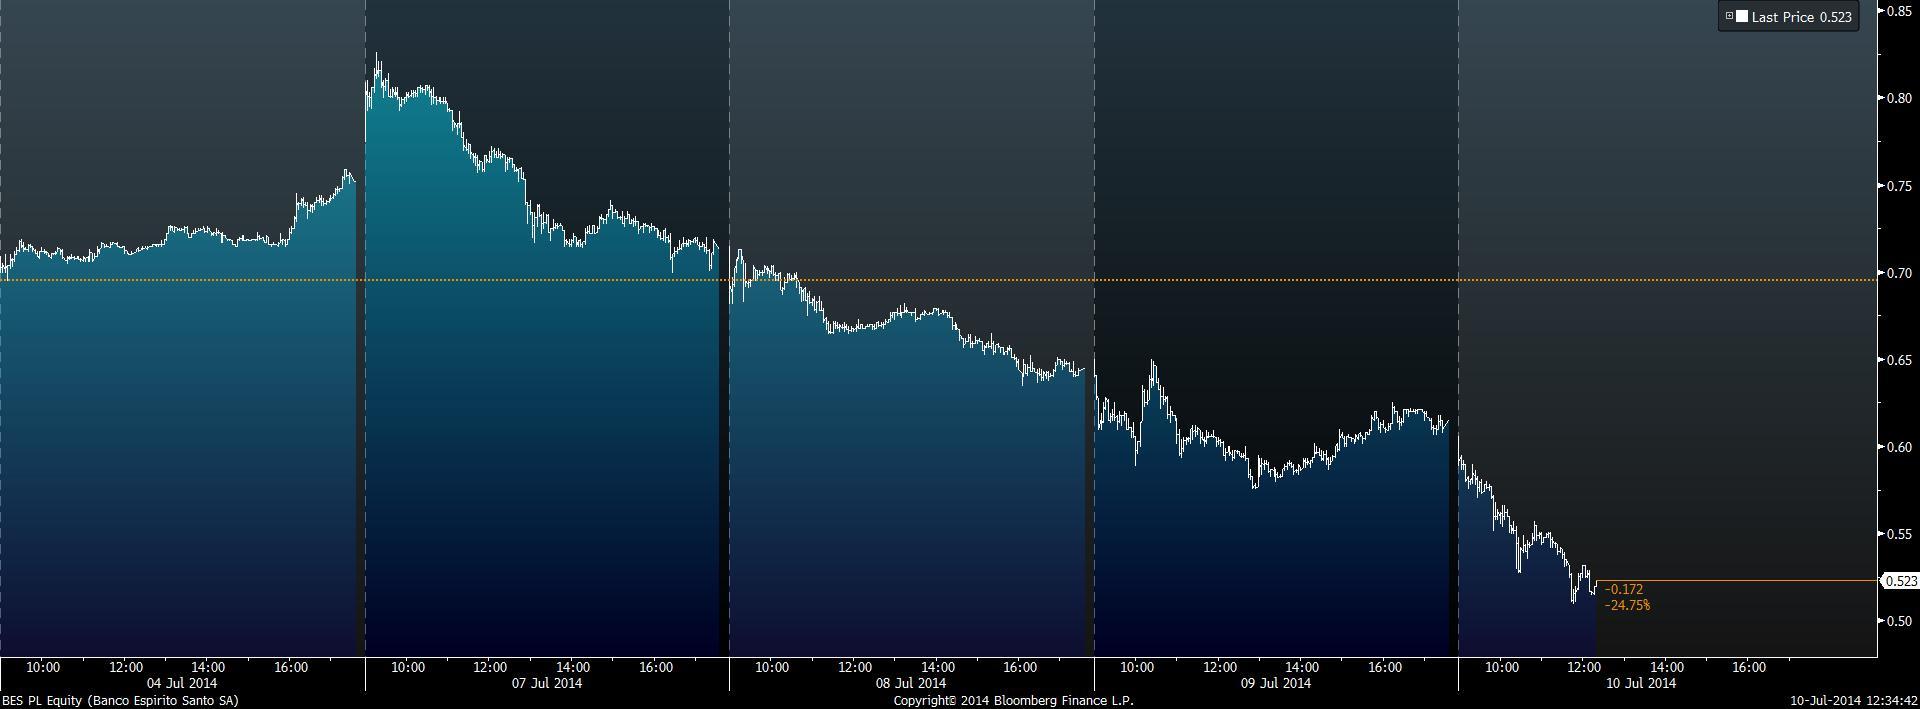 Tms waluty wykresy